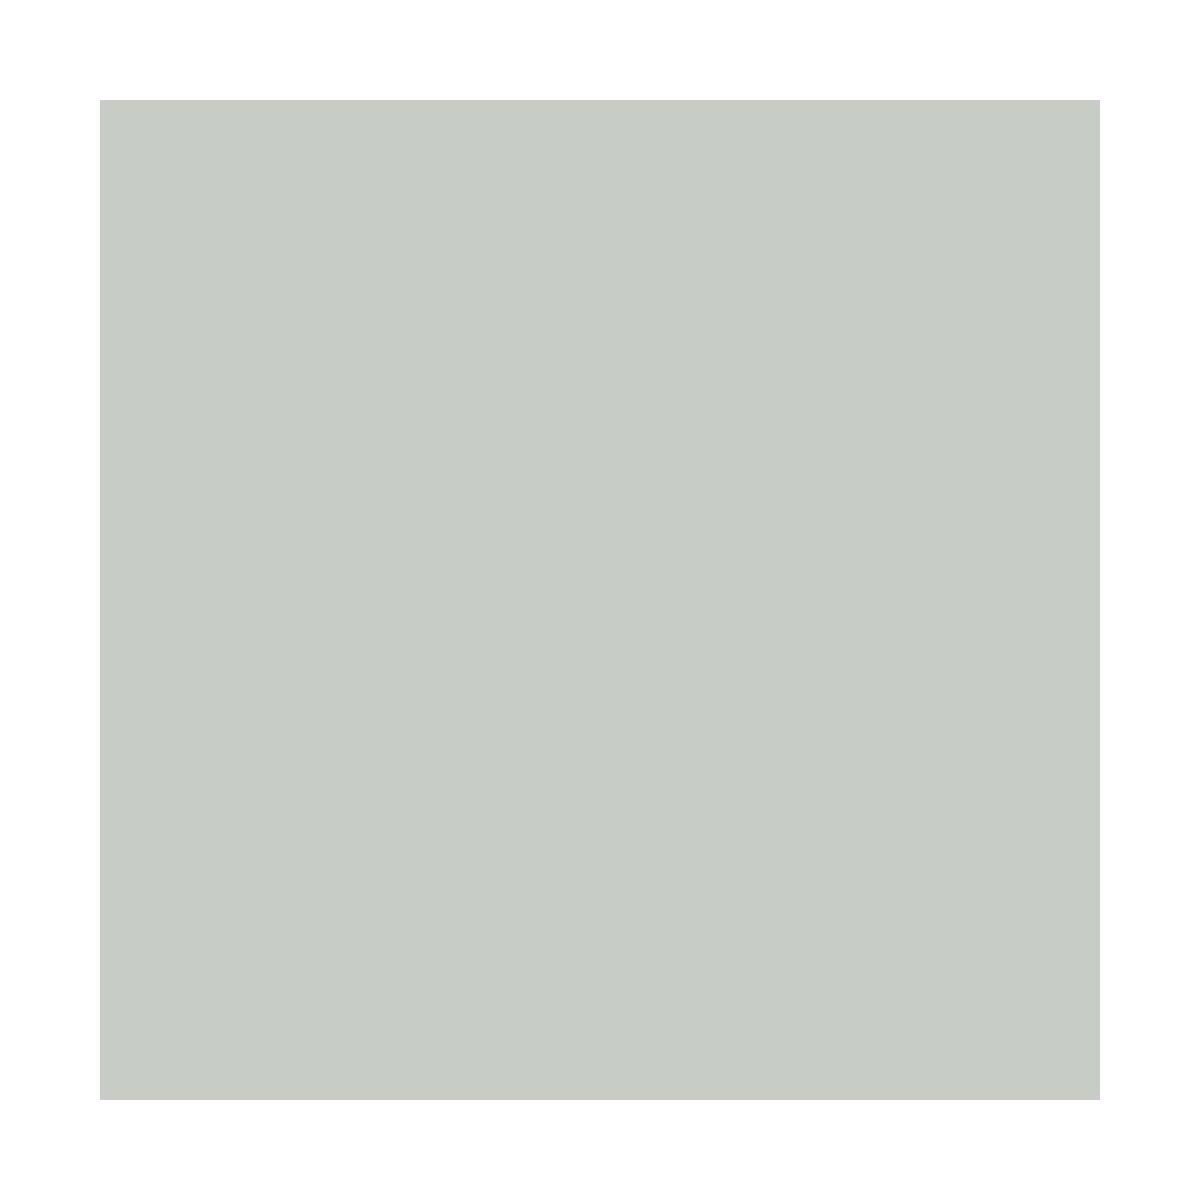 Farba Wewnętrzna Easycare Kuchnia I łazienka 25 L Skandynawska Prostota Dulux